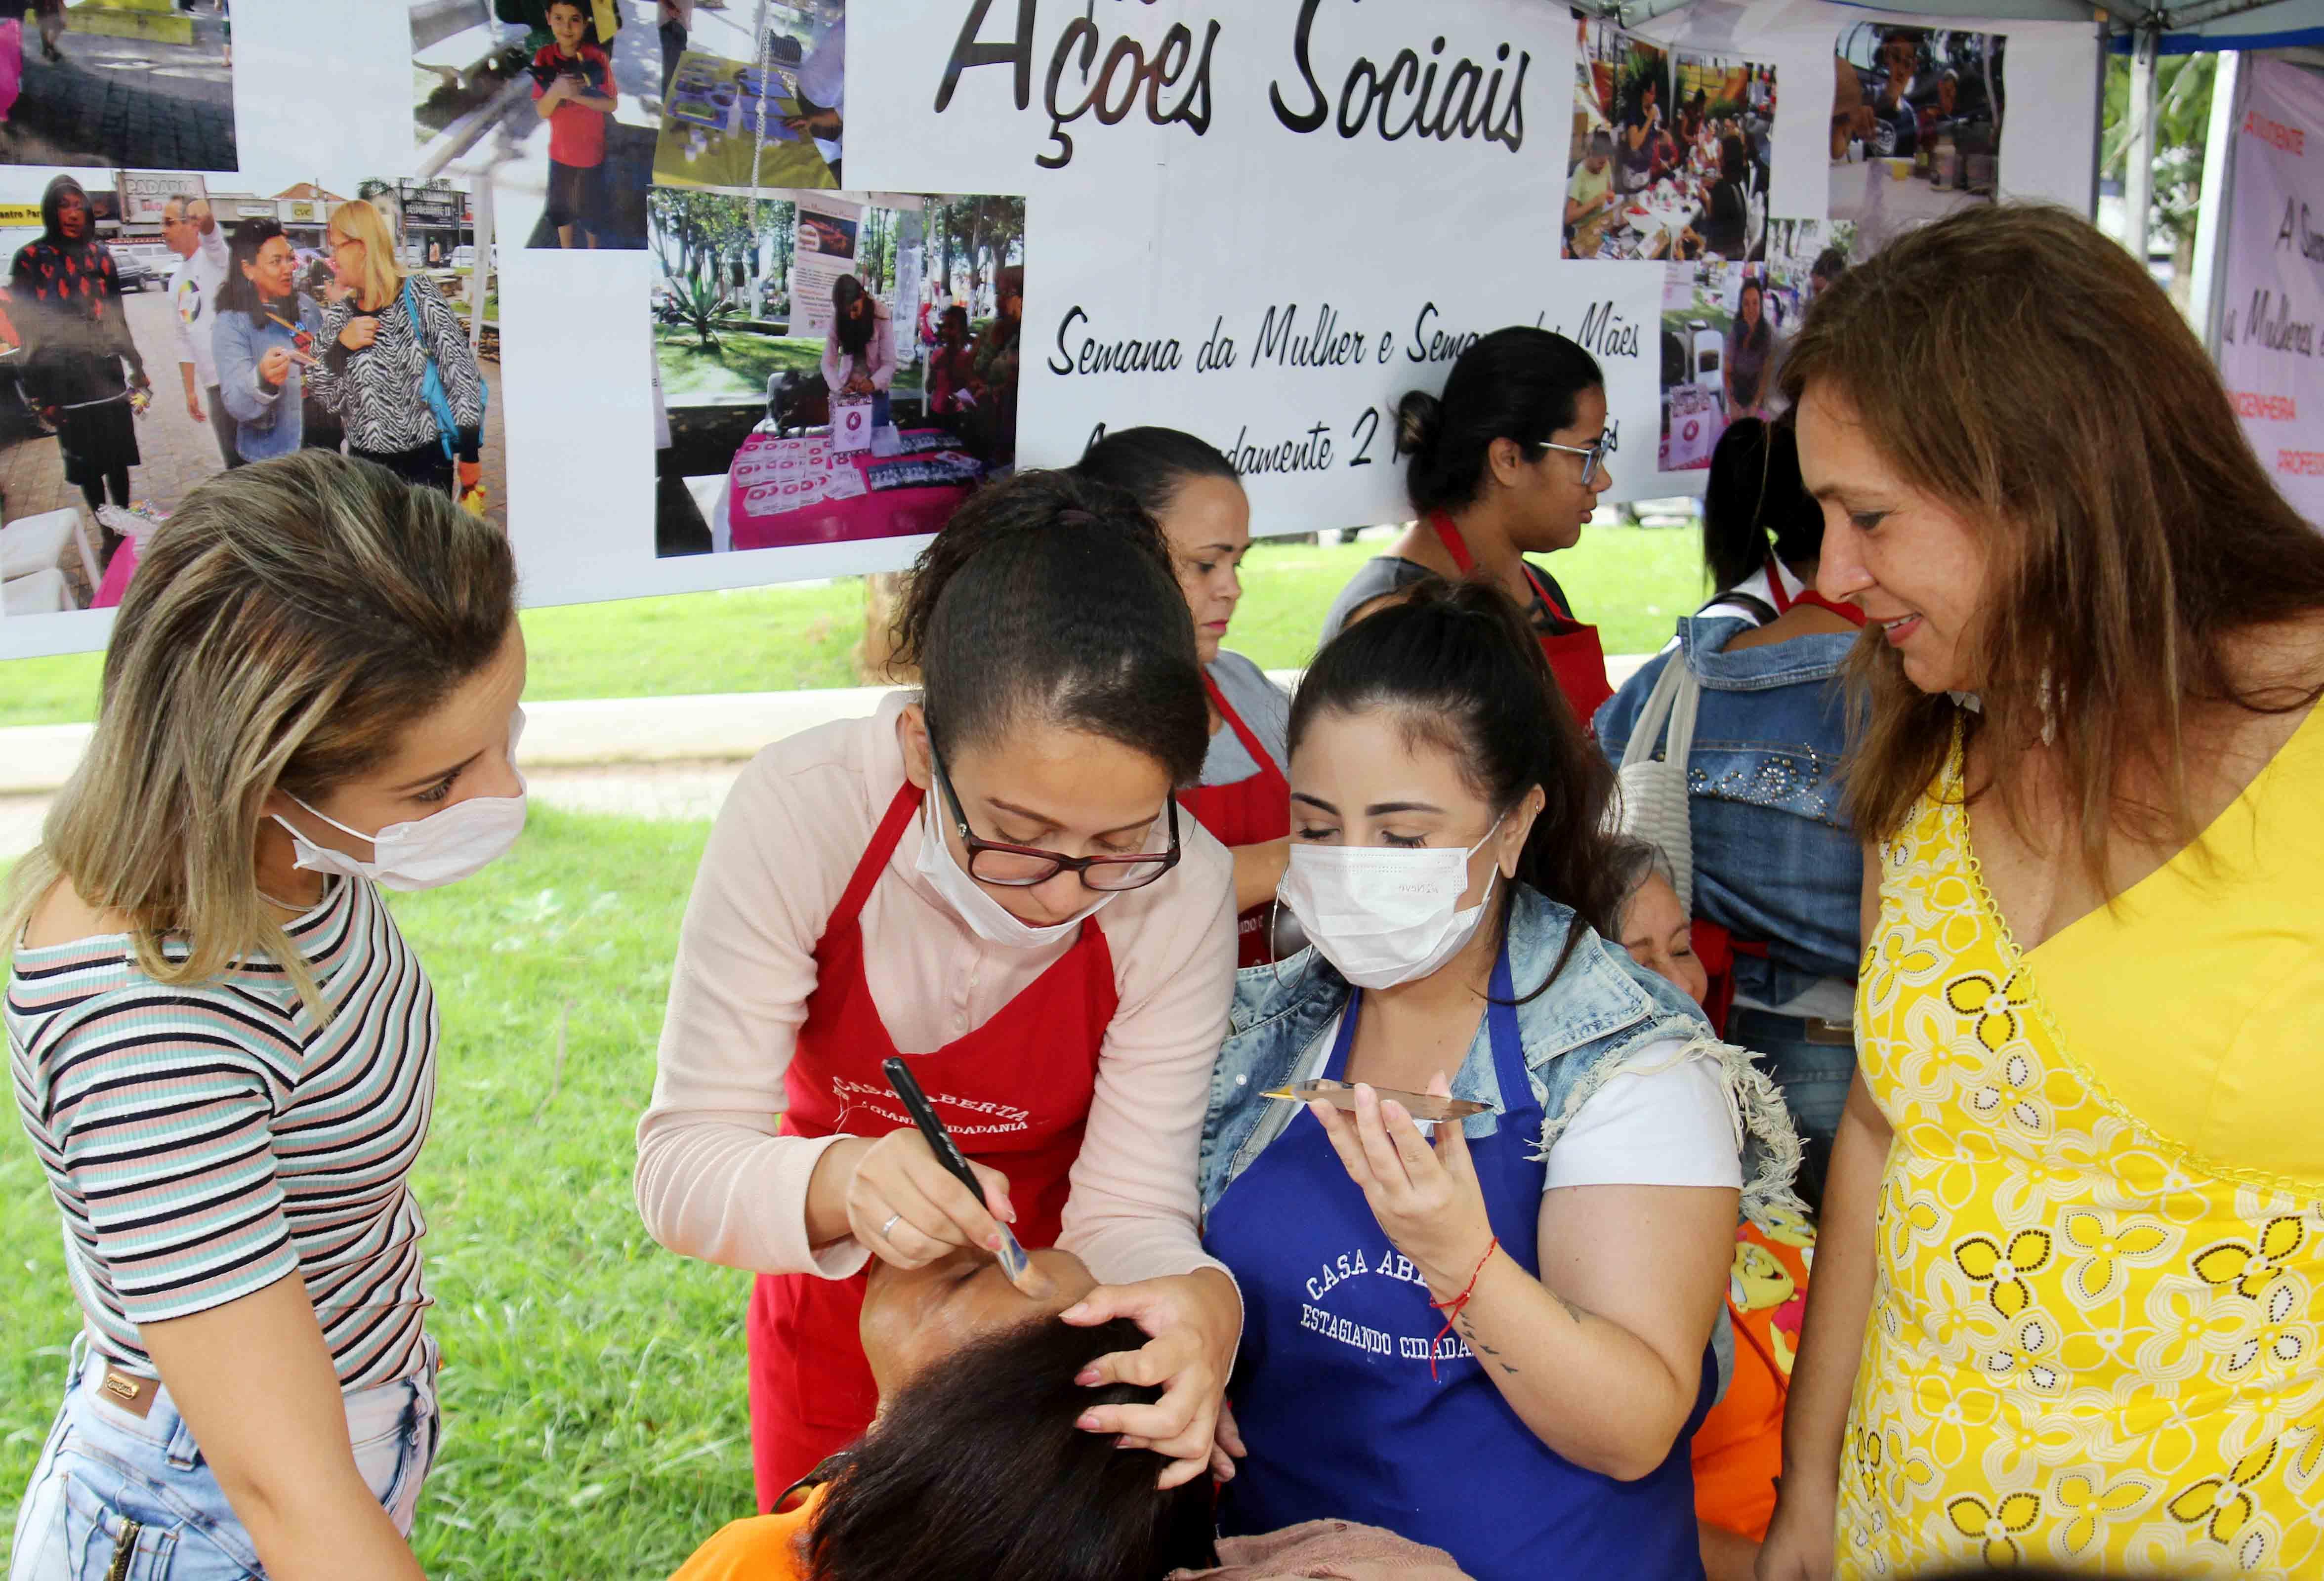 b2b81368ea8 Itaquaquecetuba faz ação social no Dia Internacional da Mulher ...